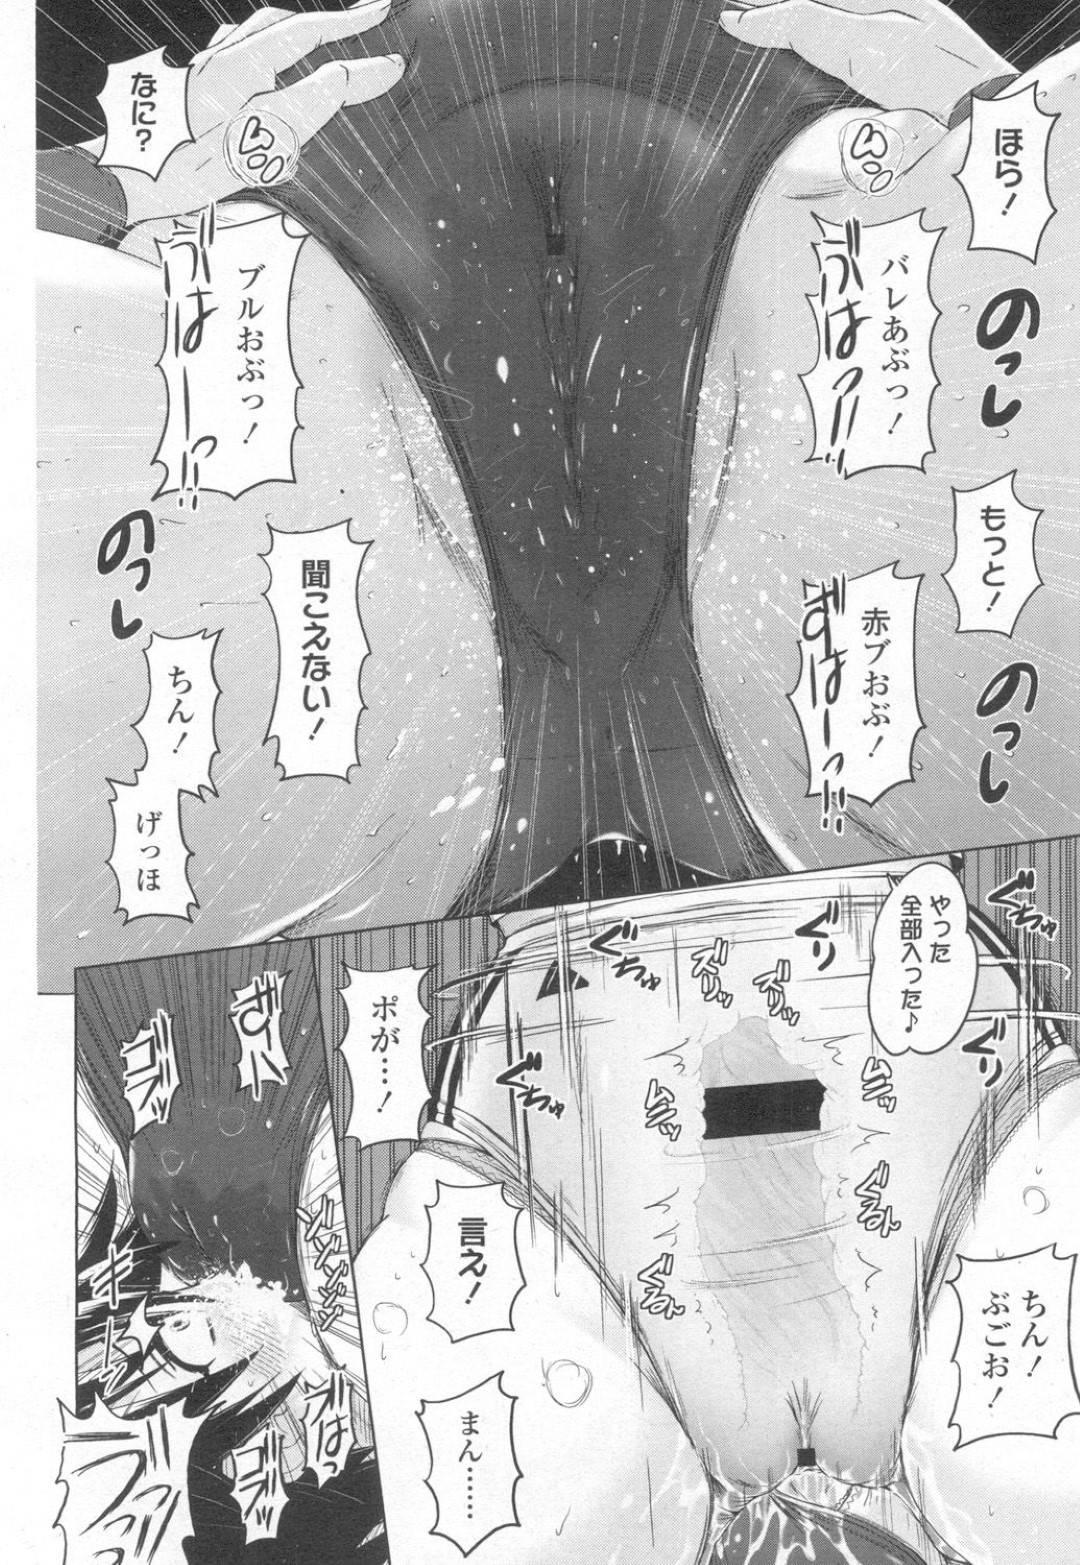 【エロ同人誌】部室で頻繁に行われる百合プレイを愉しむバレー部JK達…カップリングやプレイ内容も日替わりで行われているが、ある日覗いている男子学生を捕まえお仕置きすることに!【紫☆にゃ~】